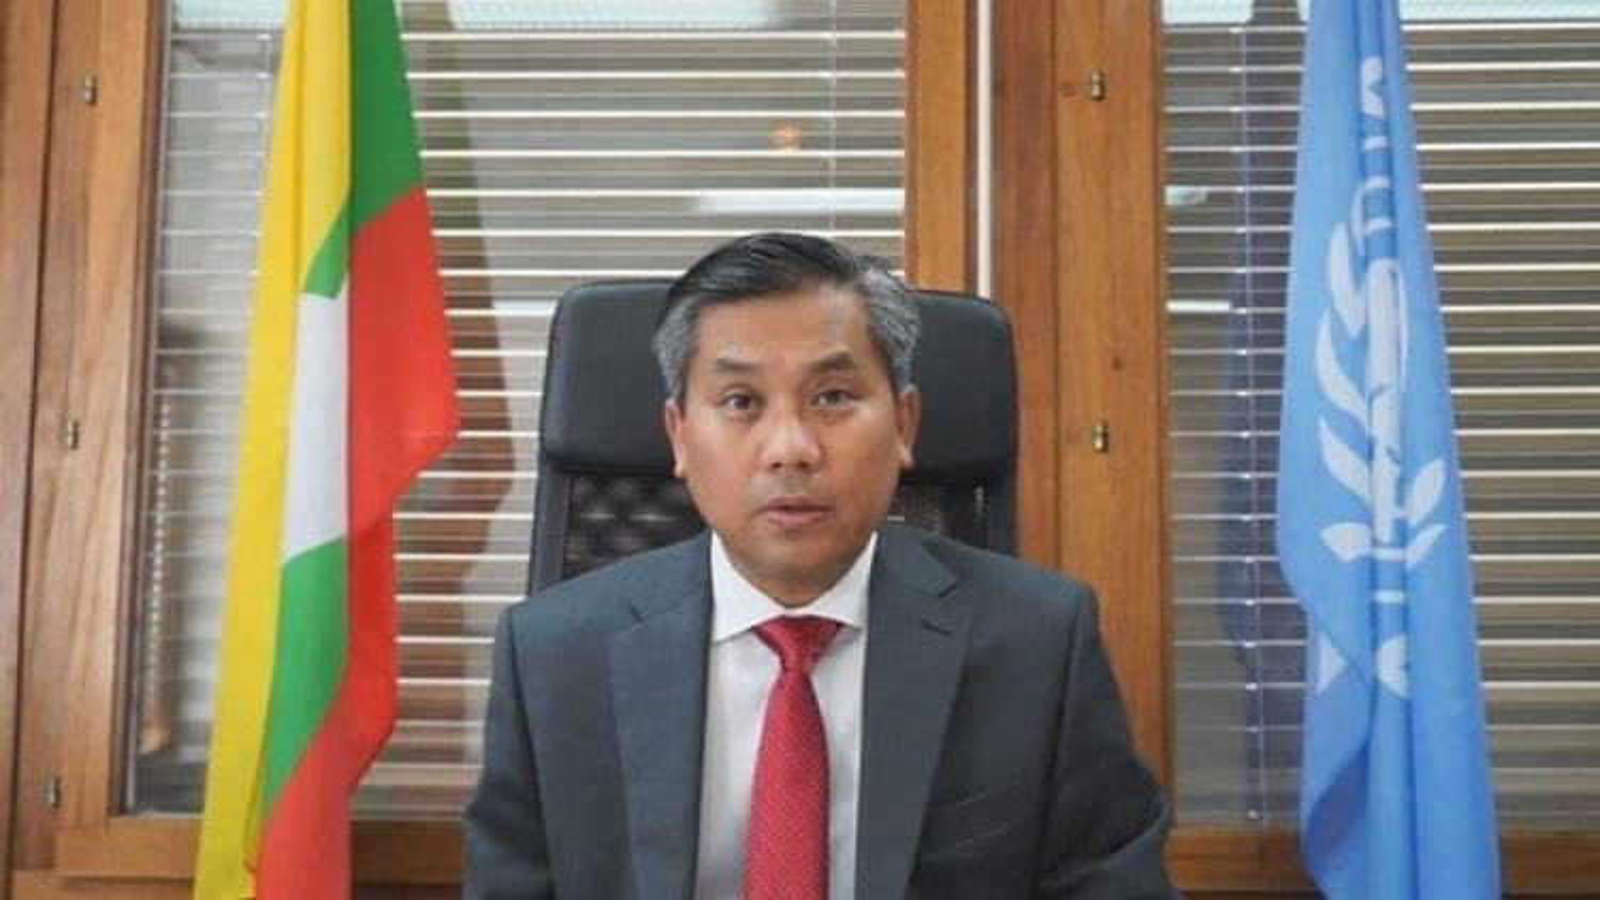 Đại sứ Myanmar tại Liên Hợp Quốc bị sa thải